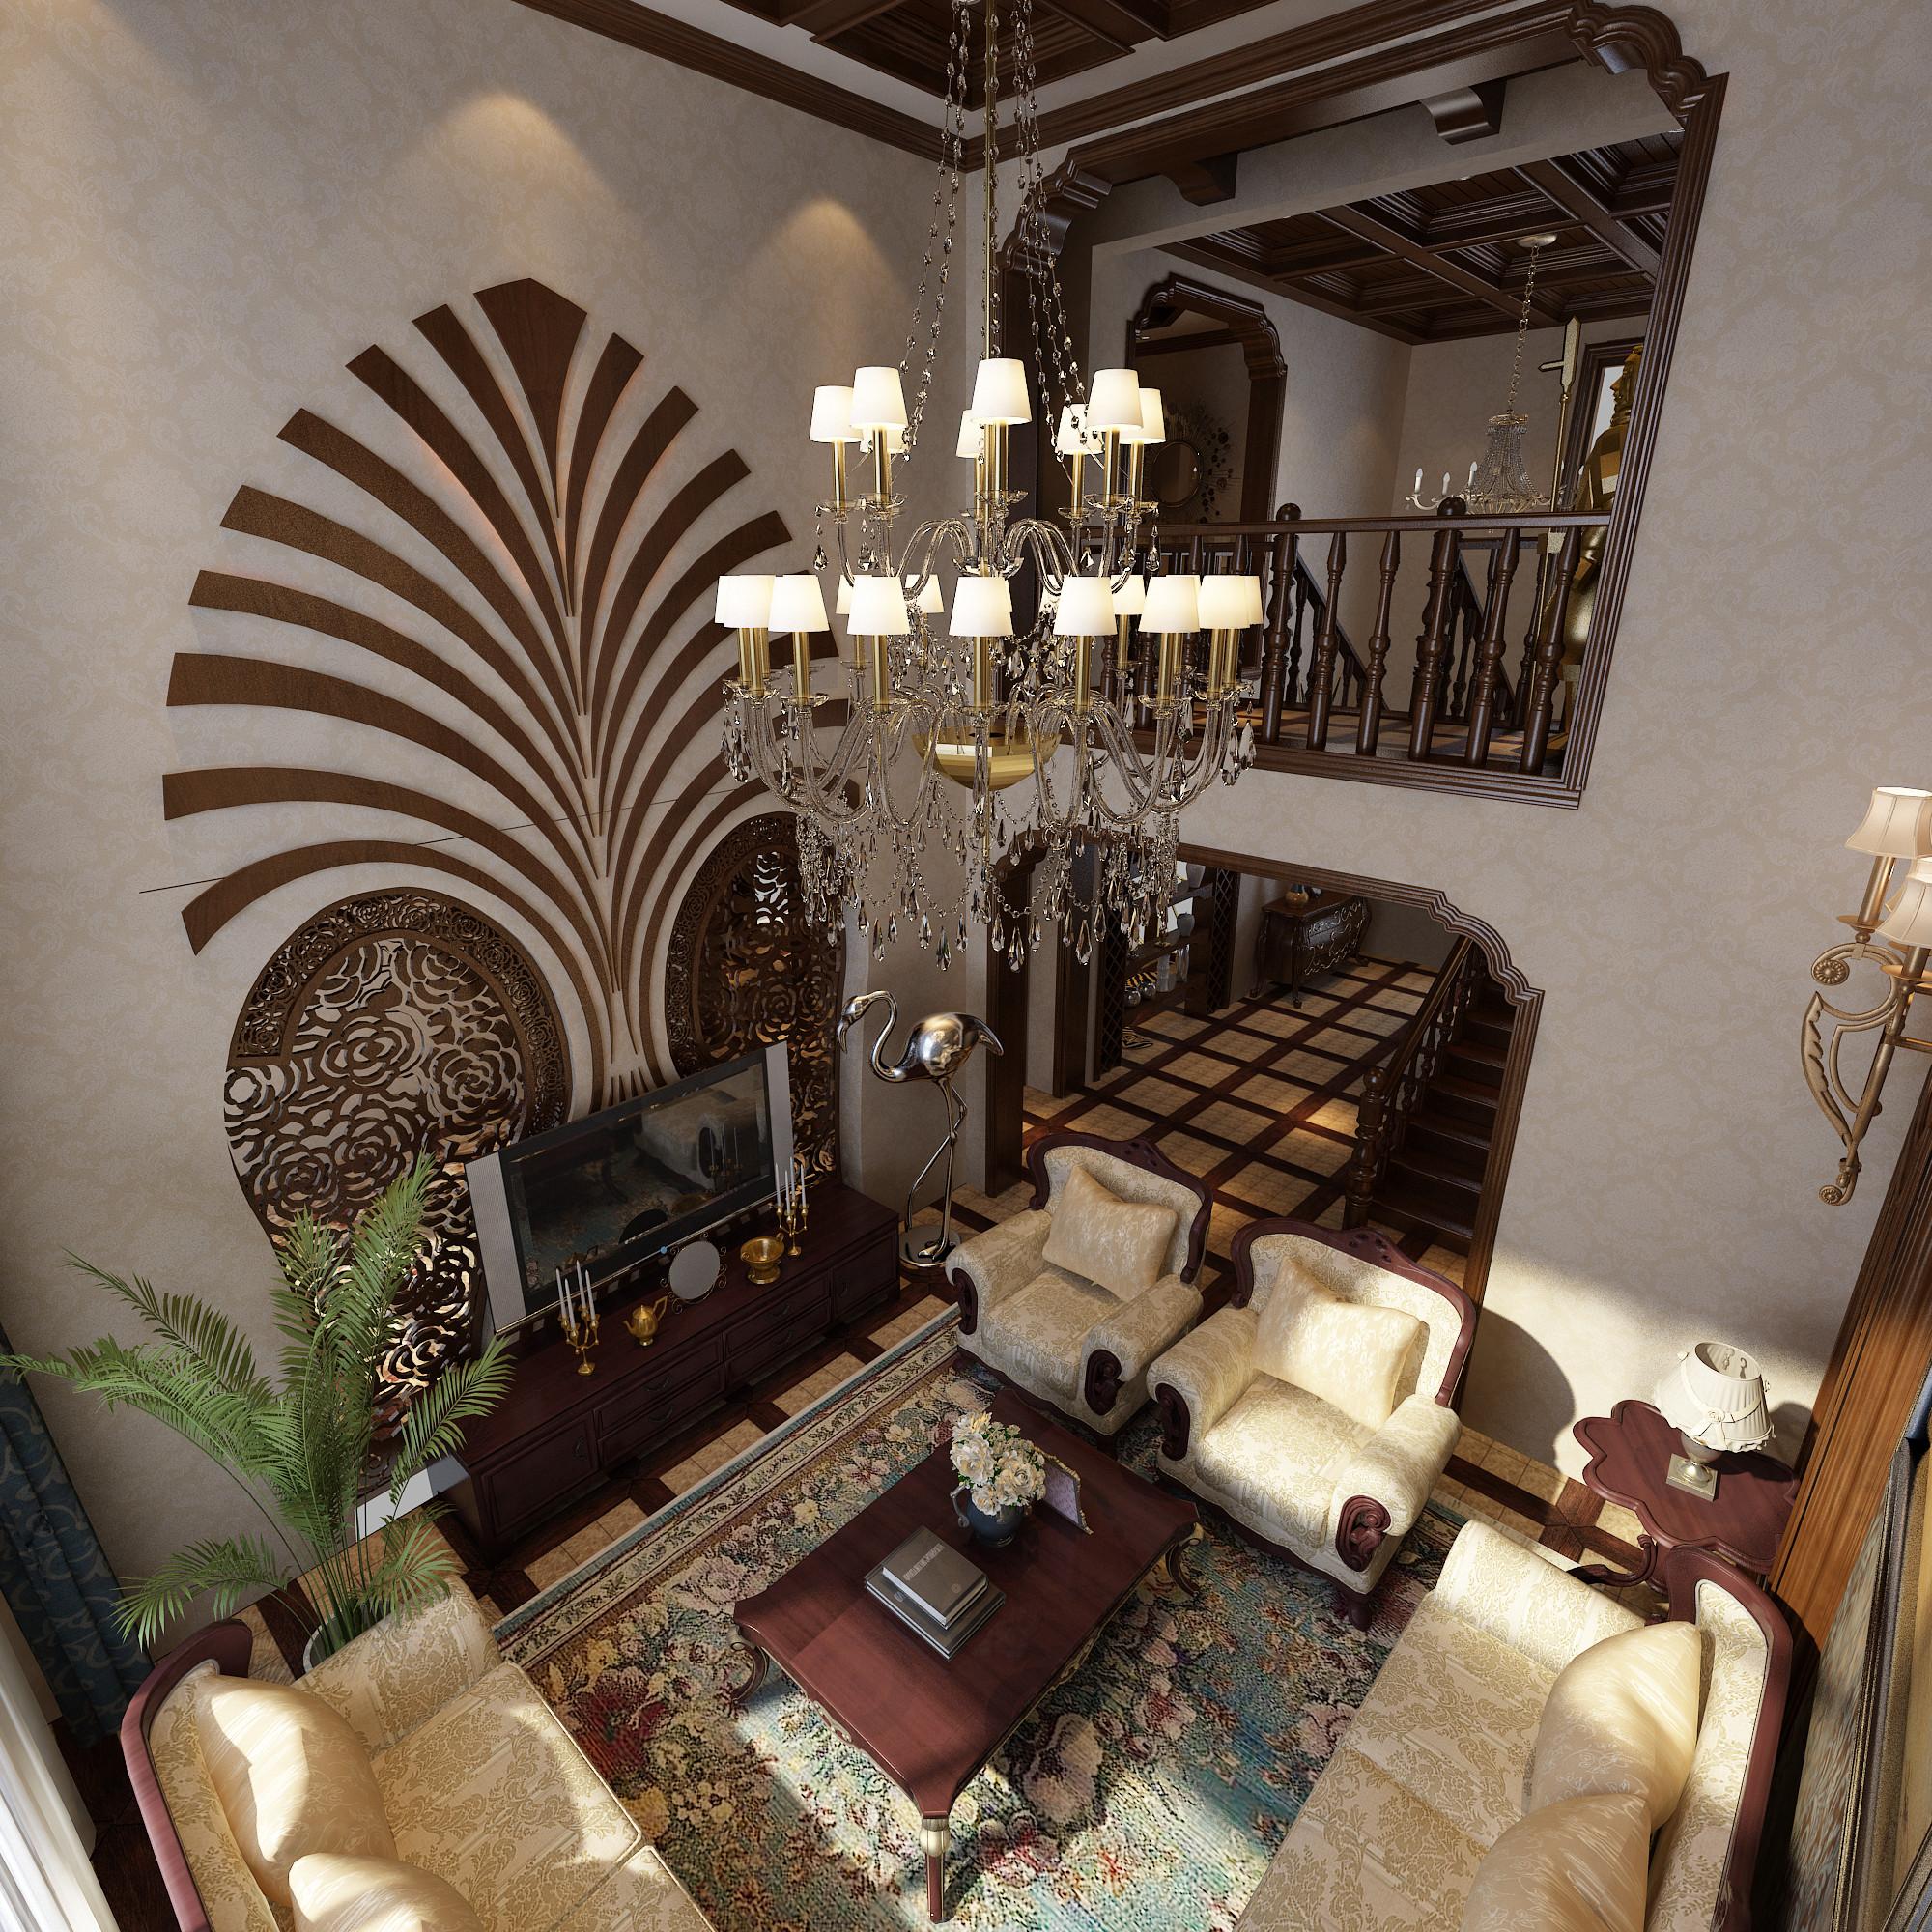 欧式 跃层 汇置公园里 客厅图片来自百家设计小刘在汇置公园里215平欧式古典风格的分享